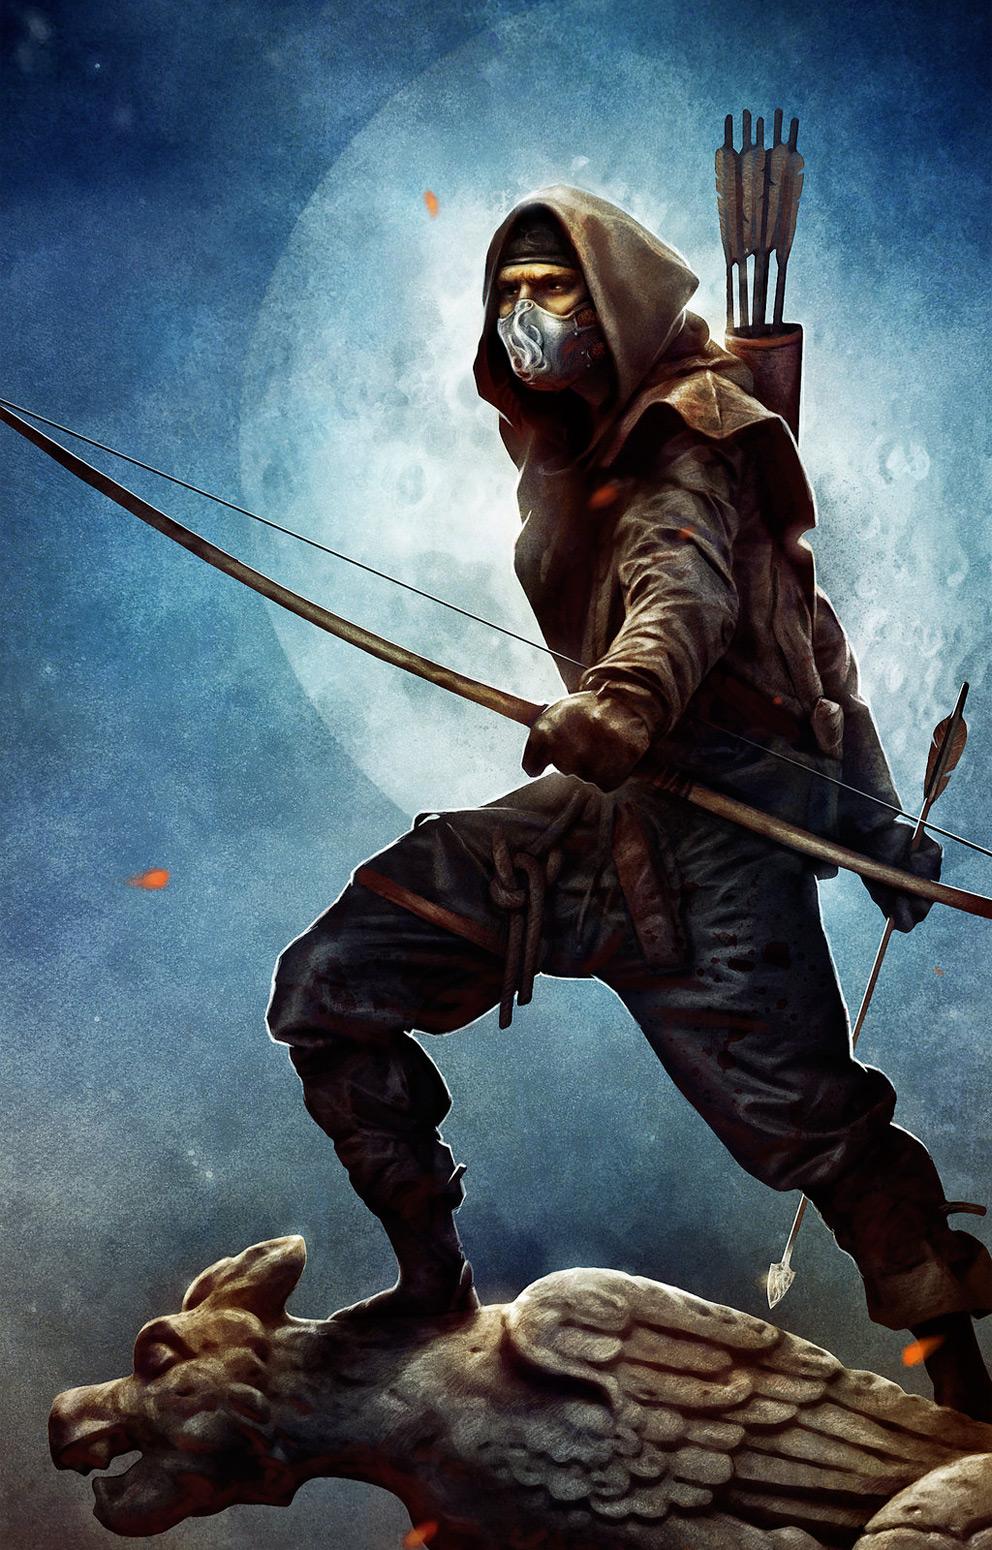 2D-Art-Peter-Tikos-Assassin-of-the-Silve